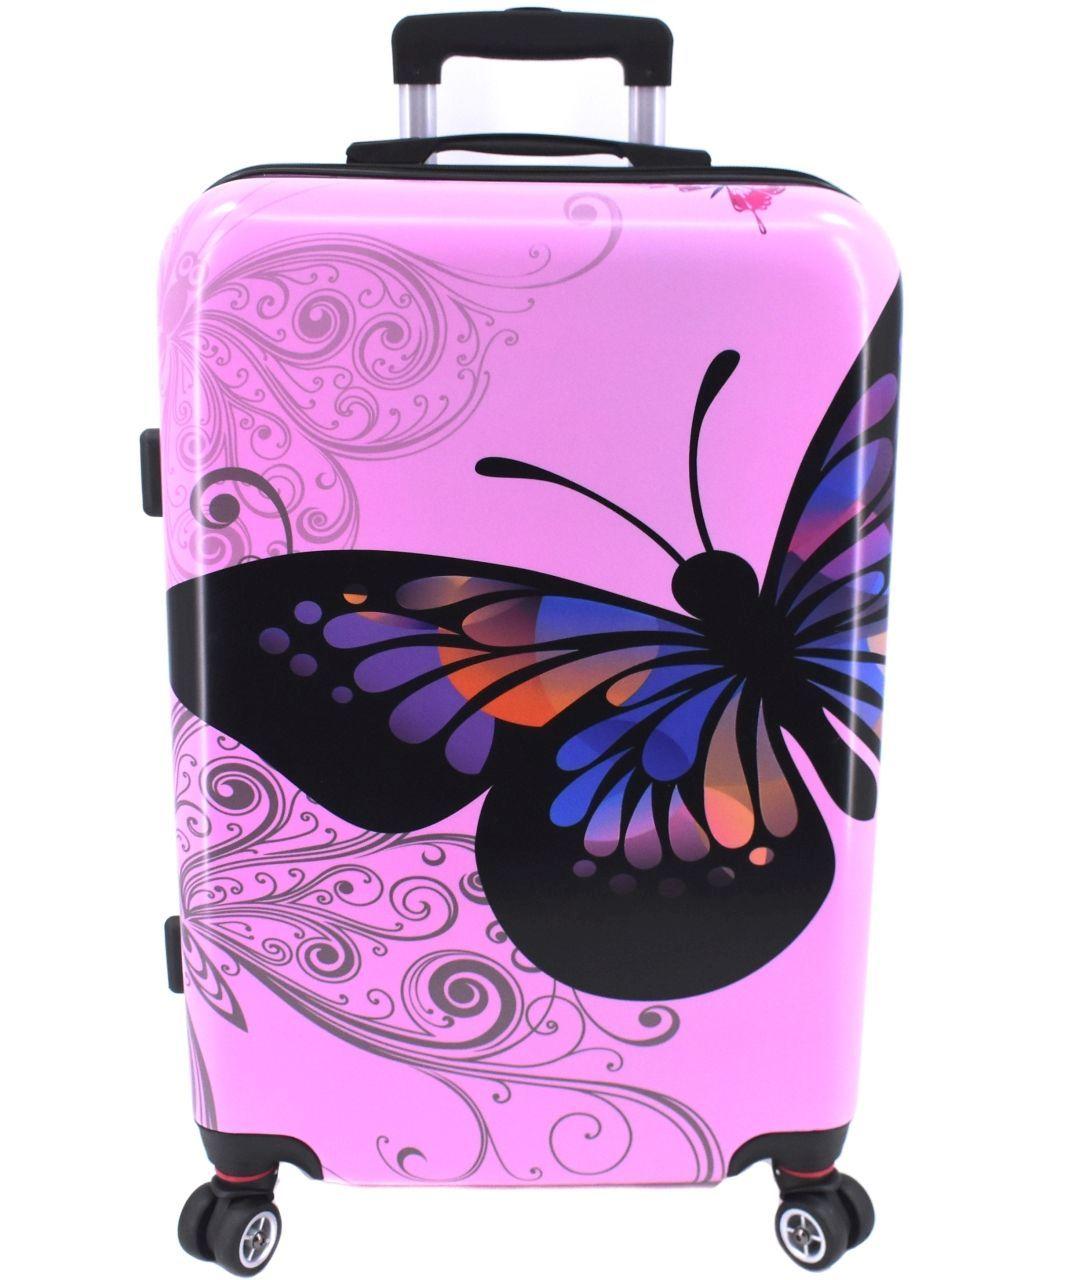 Cestovní palubní kufr na čtyřech kolečkách Arteddy - motýl/růžová (S) 45l 37148 (S)